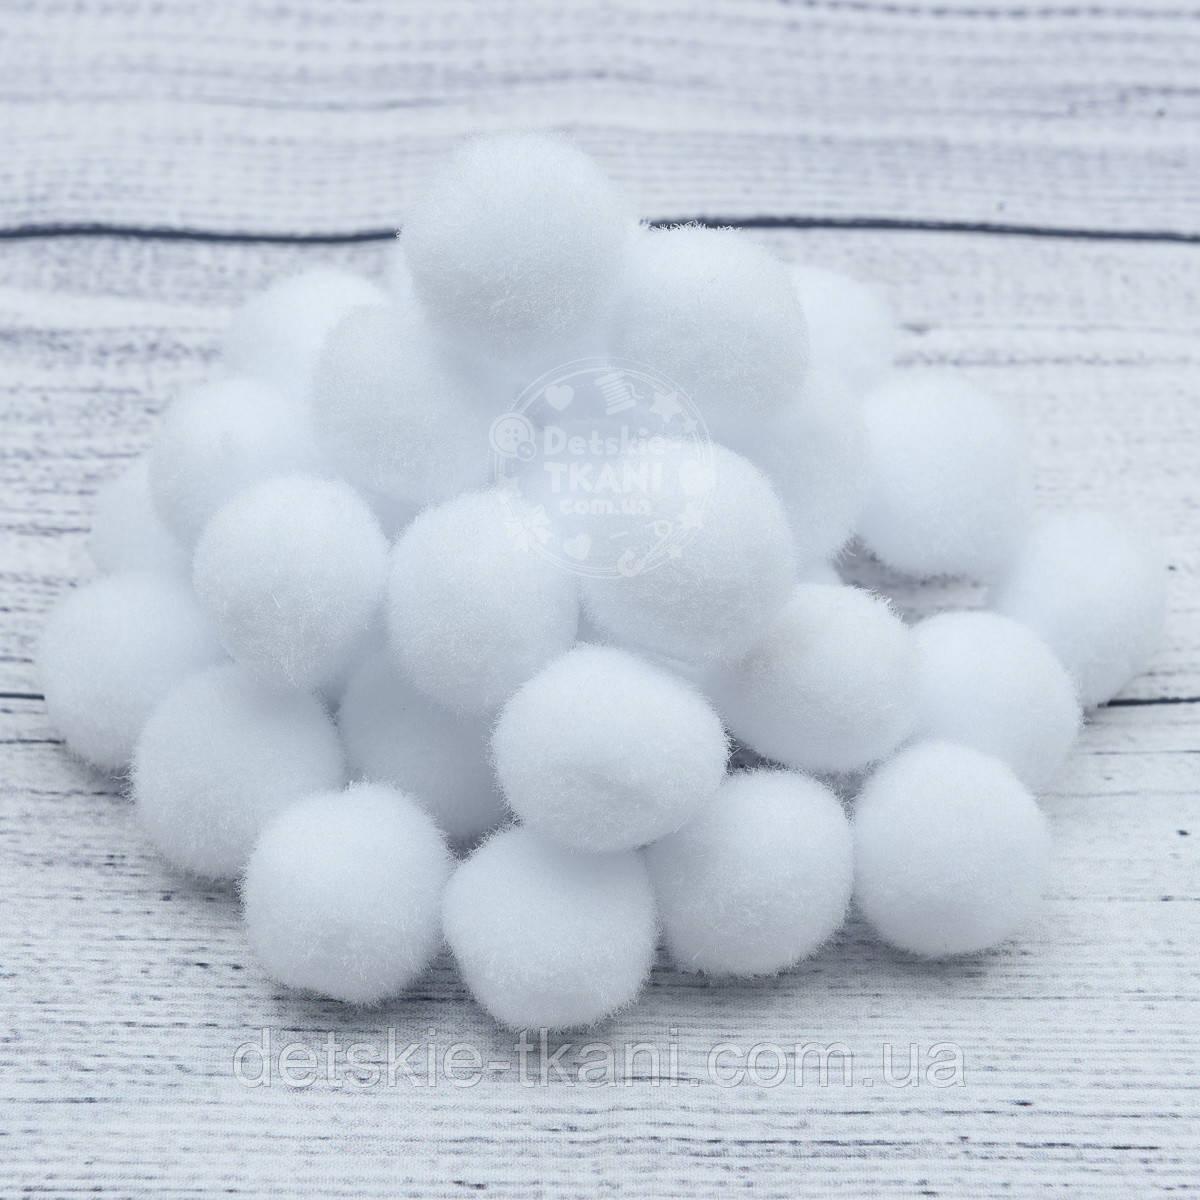 Плюшевые помпоны белого цвета  20 мм, упаковка 20 шт